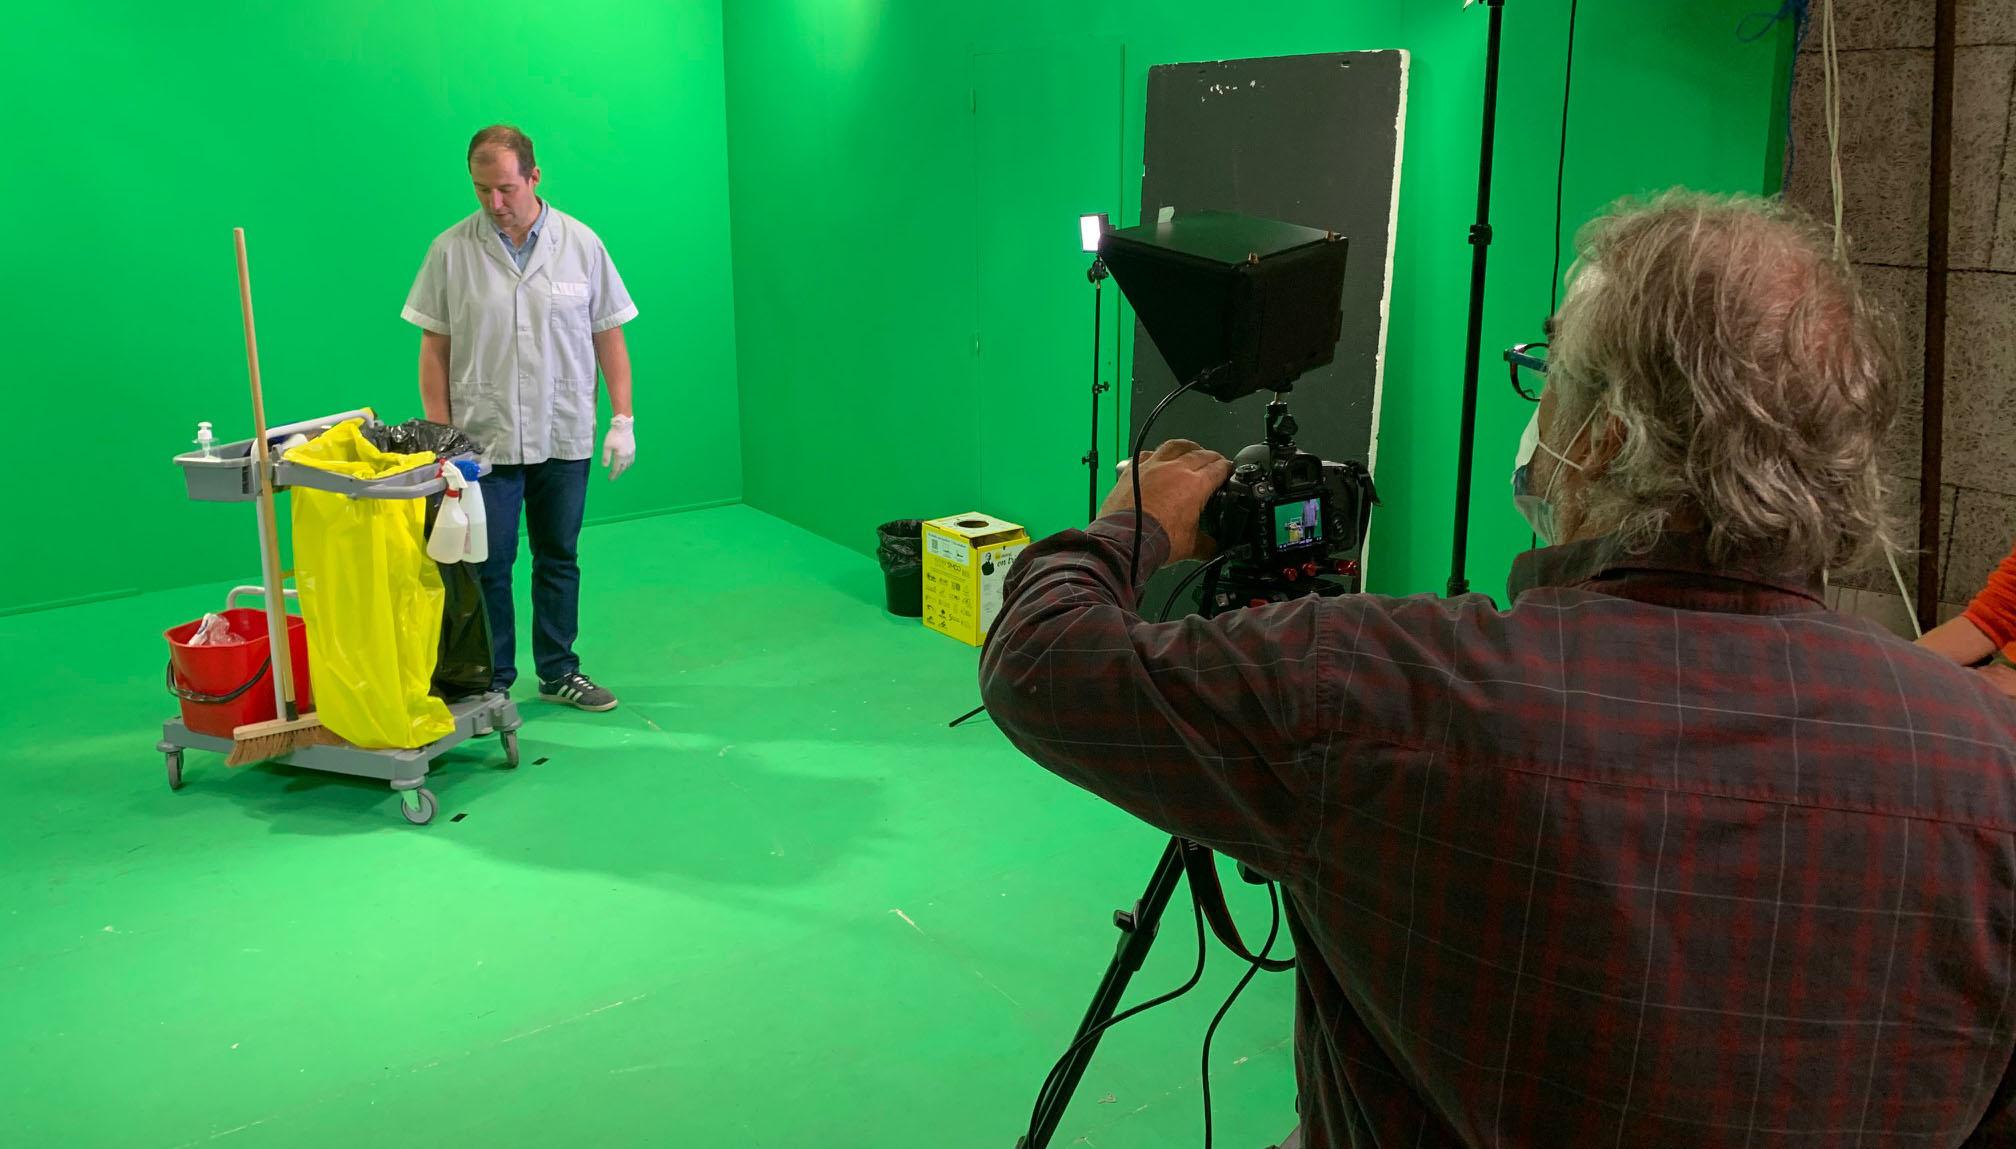 Tournage d'un clip SMDO au studio fond vert Vicprod